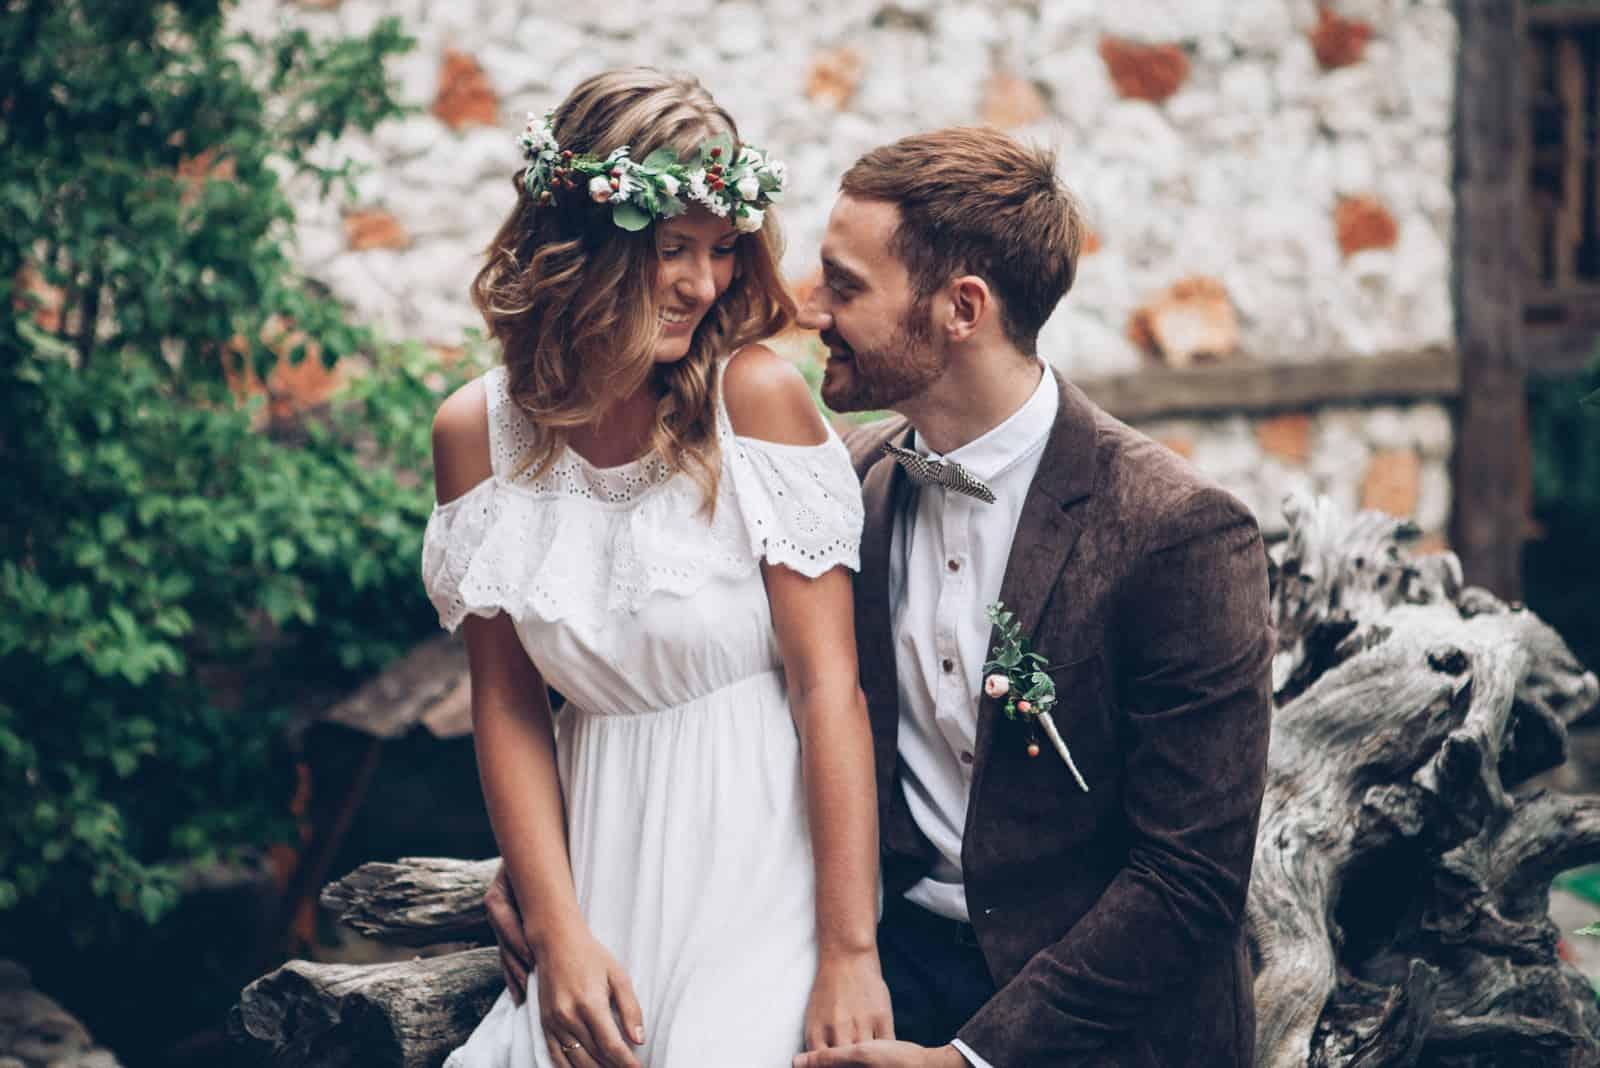 Sehr schöne Hochzeit tolles Paar